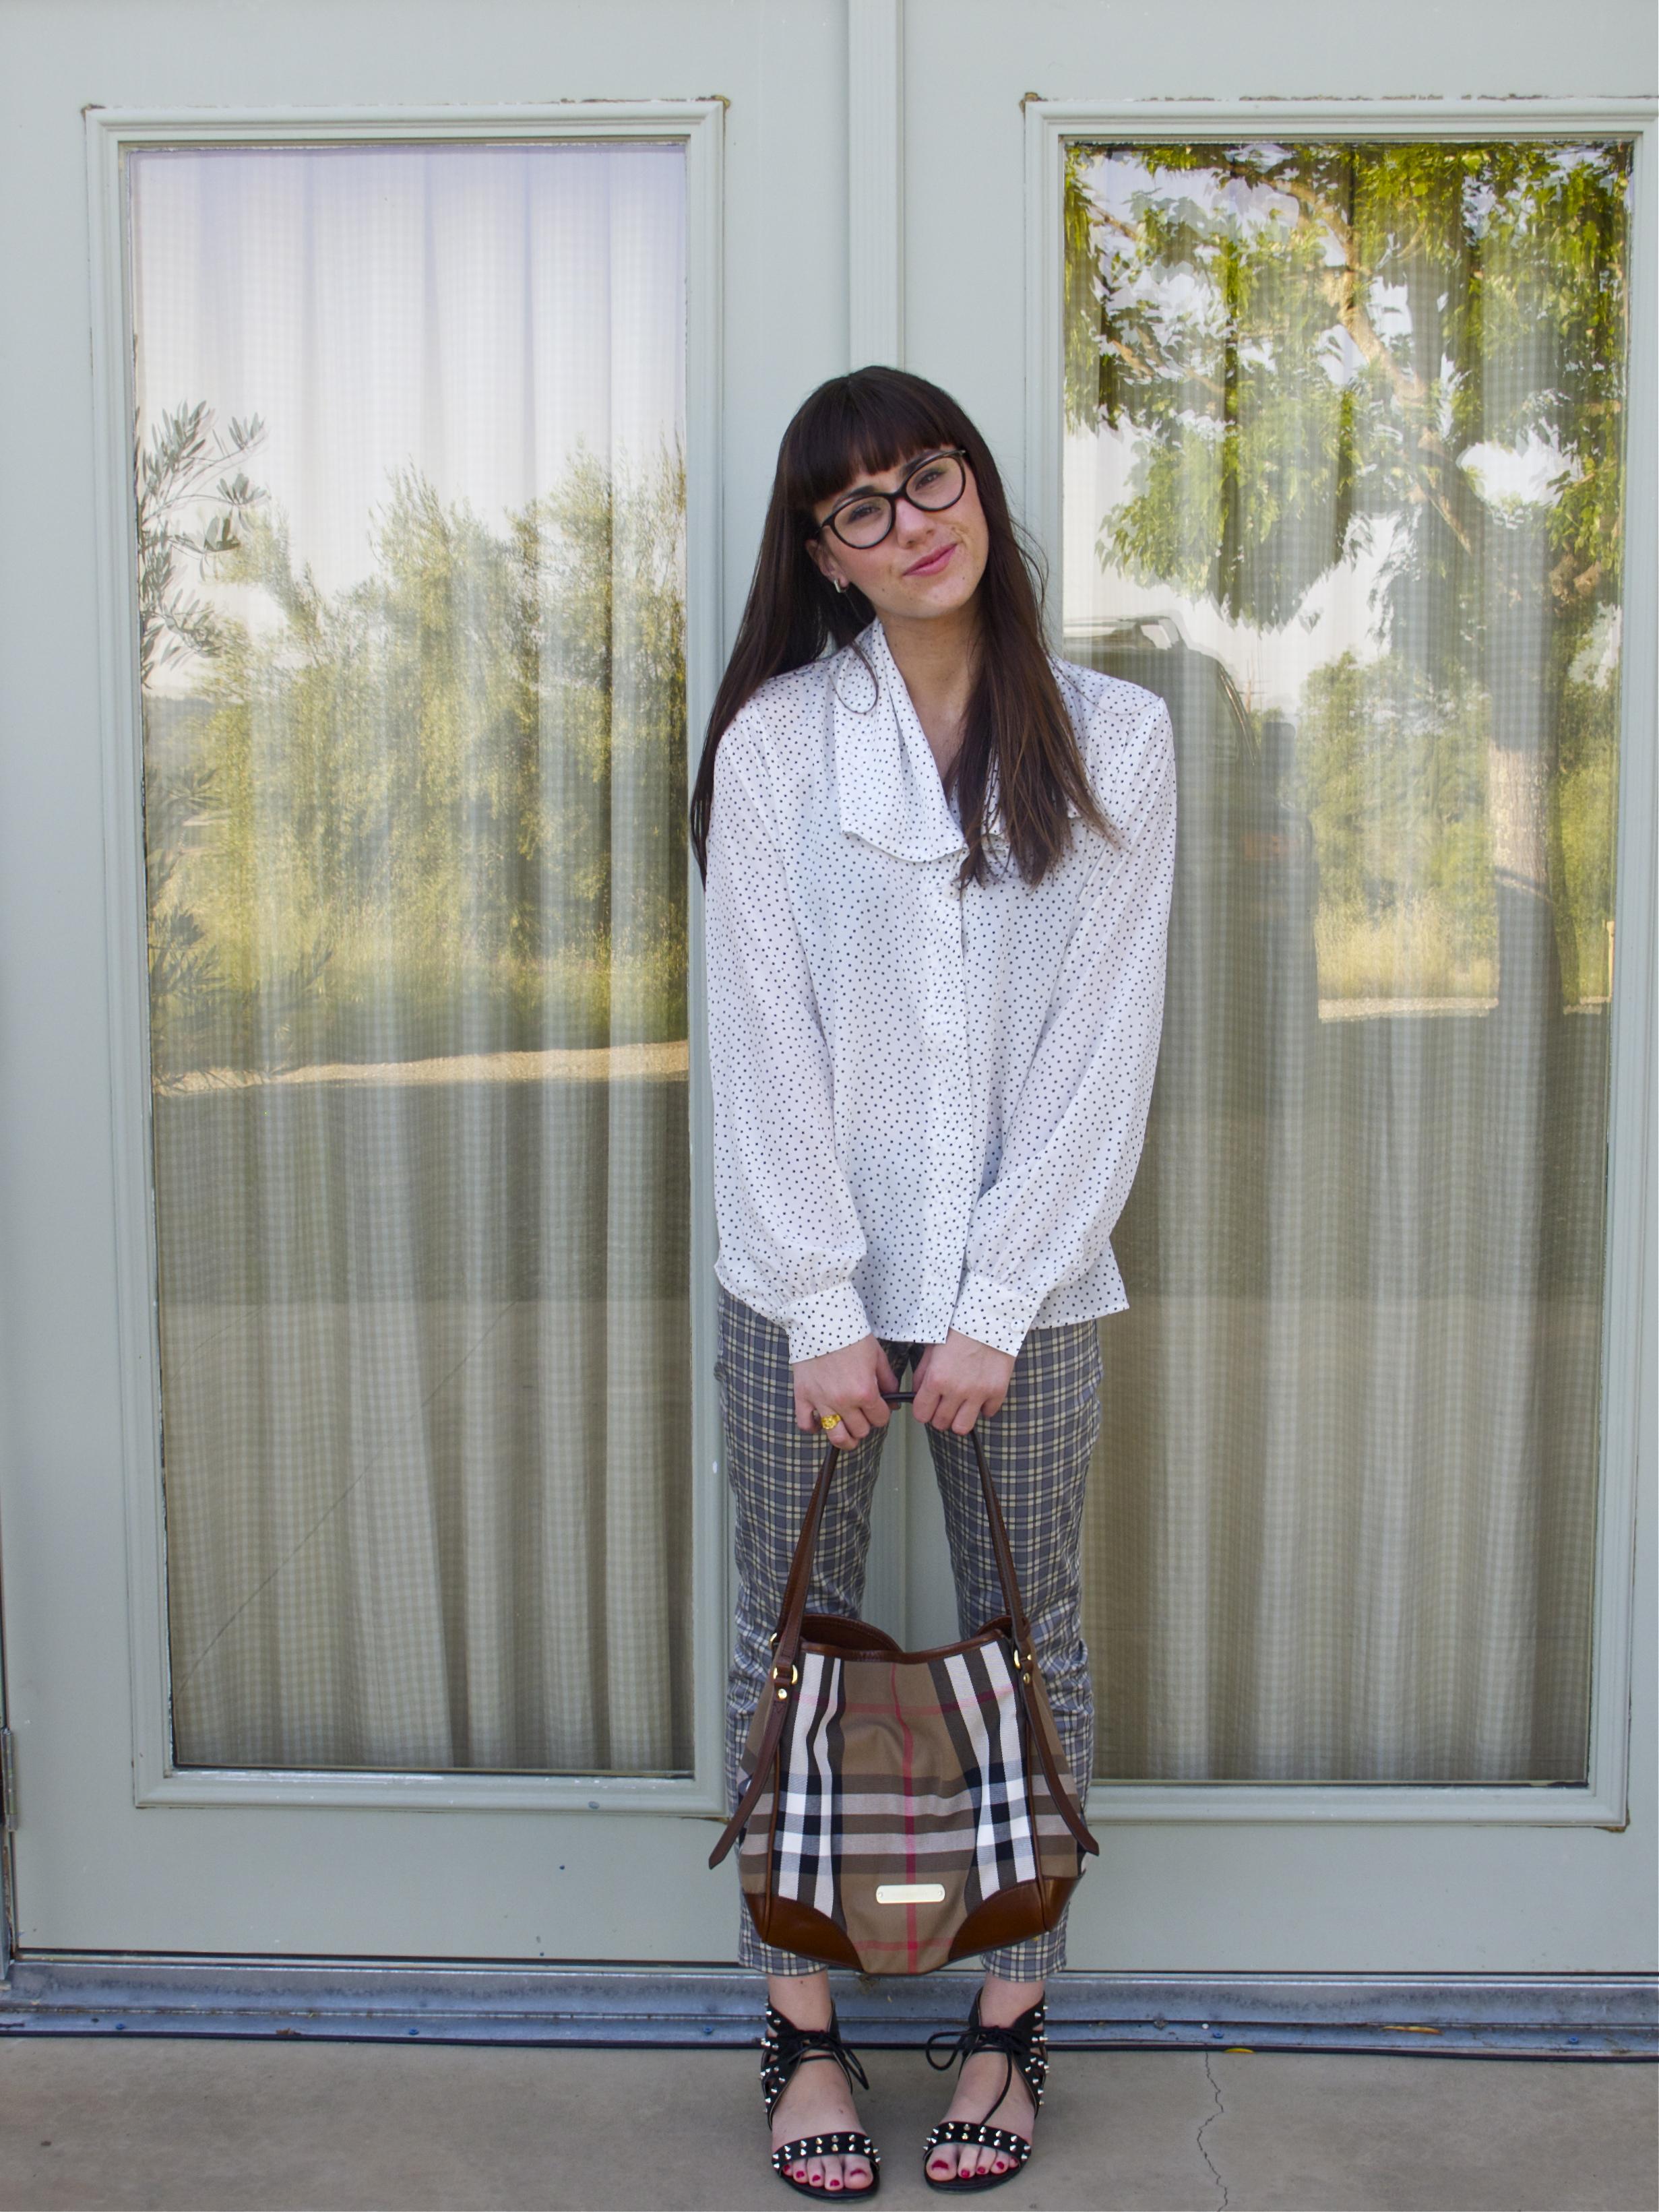 Blouse: Vintage; Plaid Leggings: Uniqlo; Bag: Burberry; Sandals: Mia